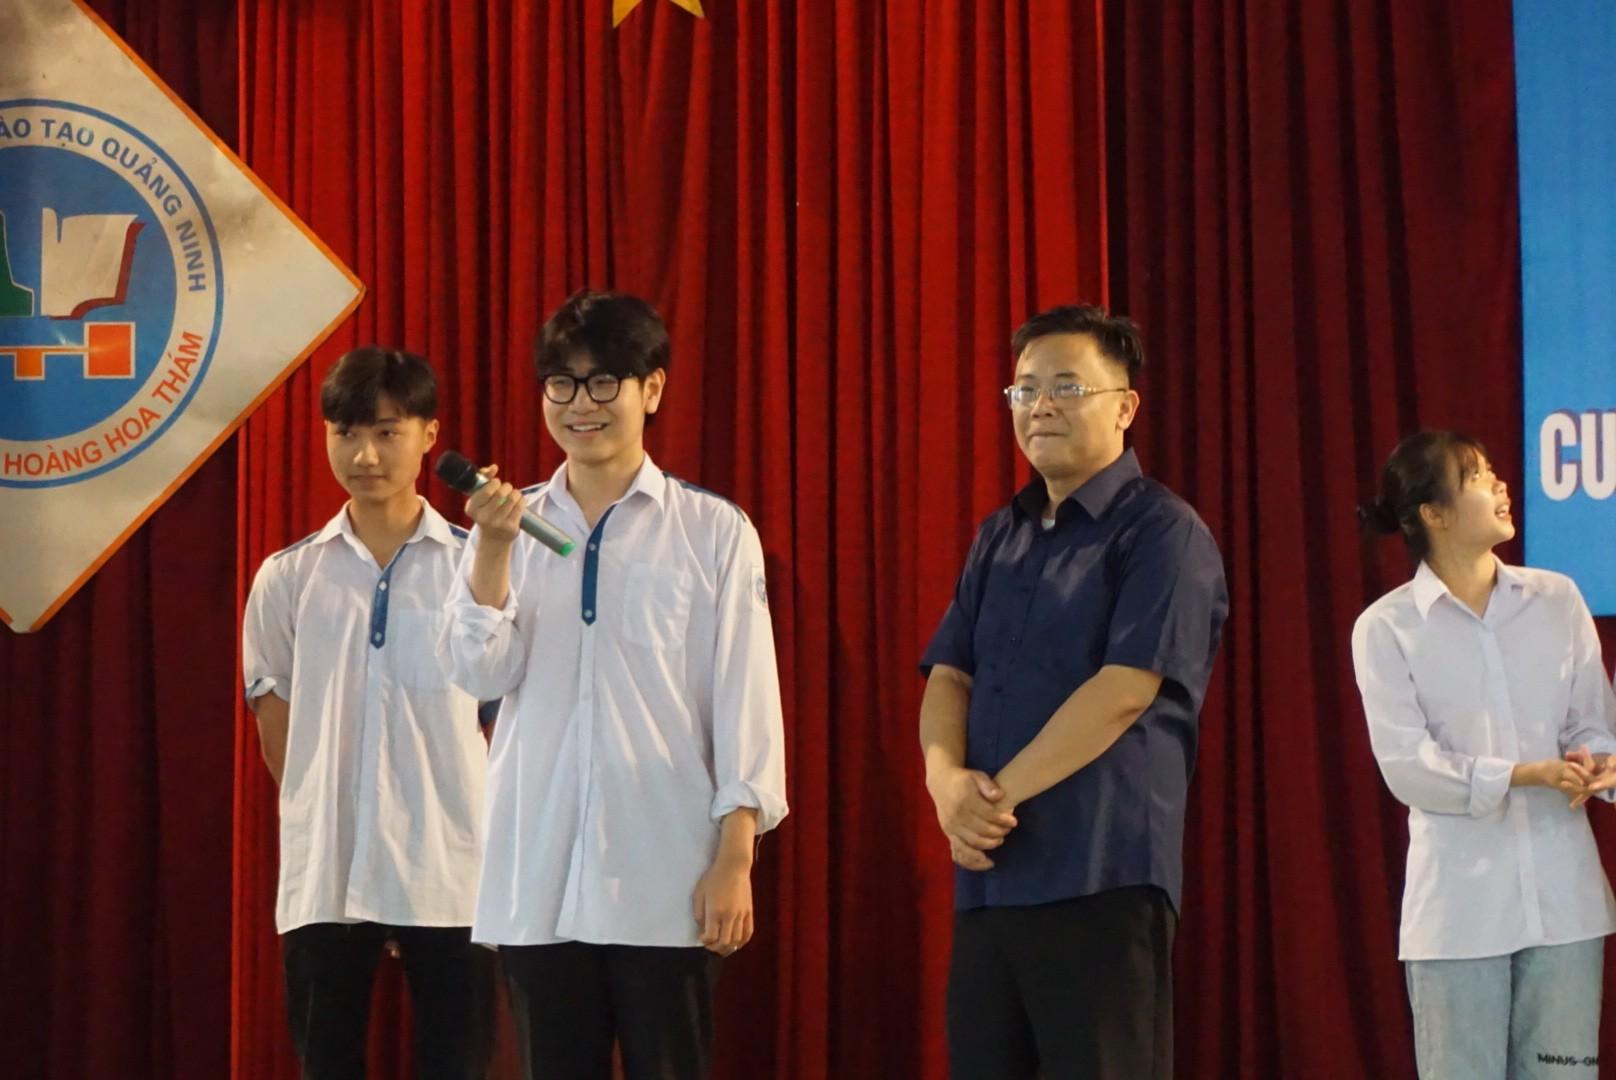 VNAS tham gia tư vấn, định hướng nghề nghiệp cho học sinh trên địa bàn thị xã Đông Triều, tỉnh Quảng Ninh